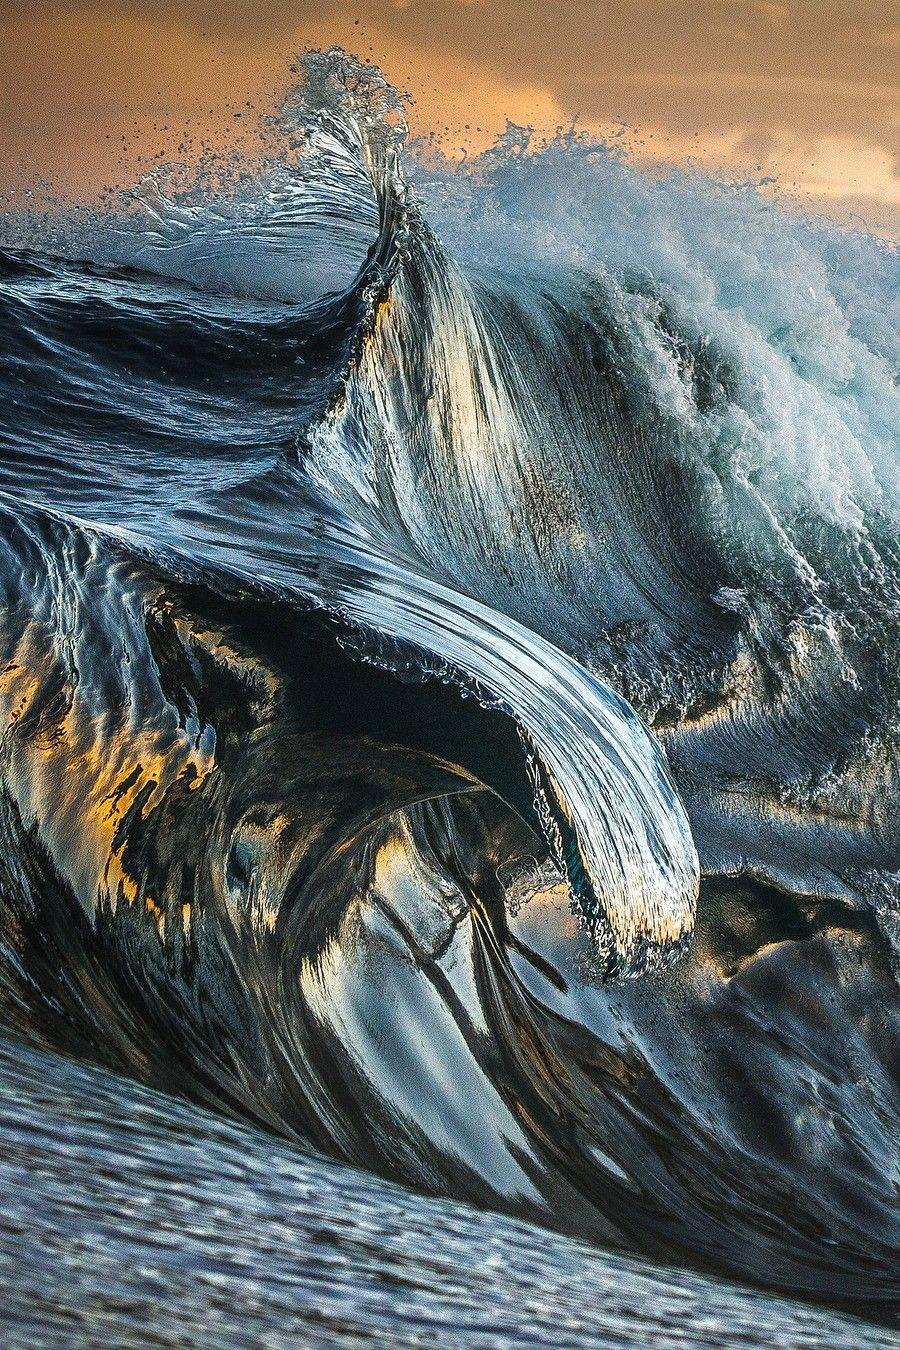 Landscape Picsart Sea Freetoedit Ocean Waves Photography Ocean Waves Waves Photography